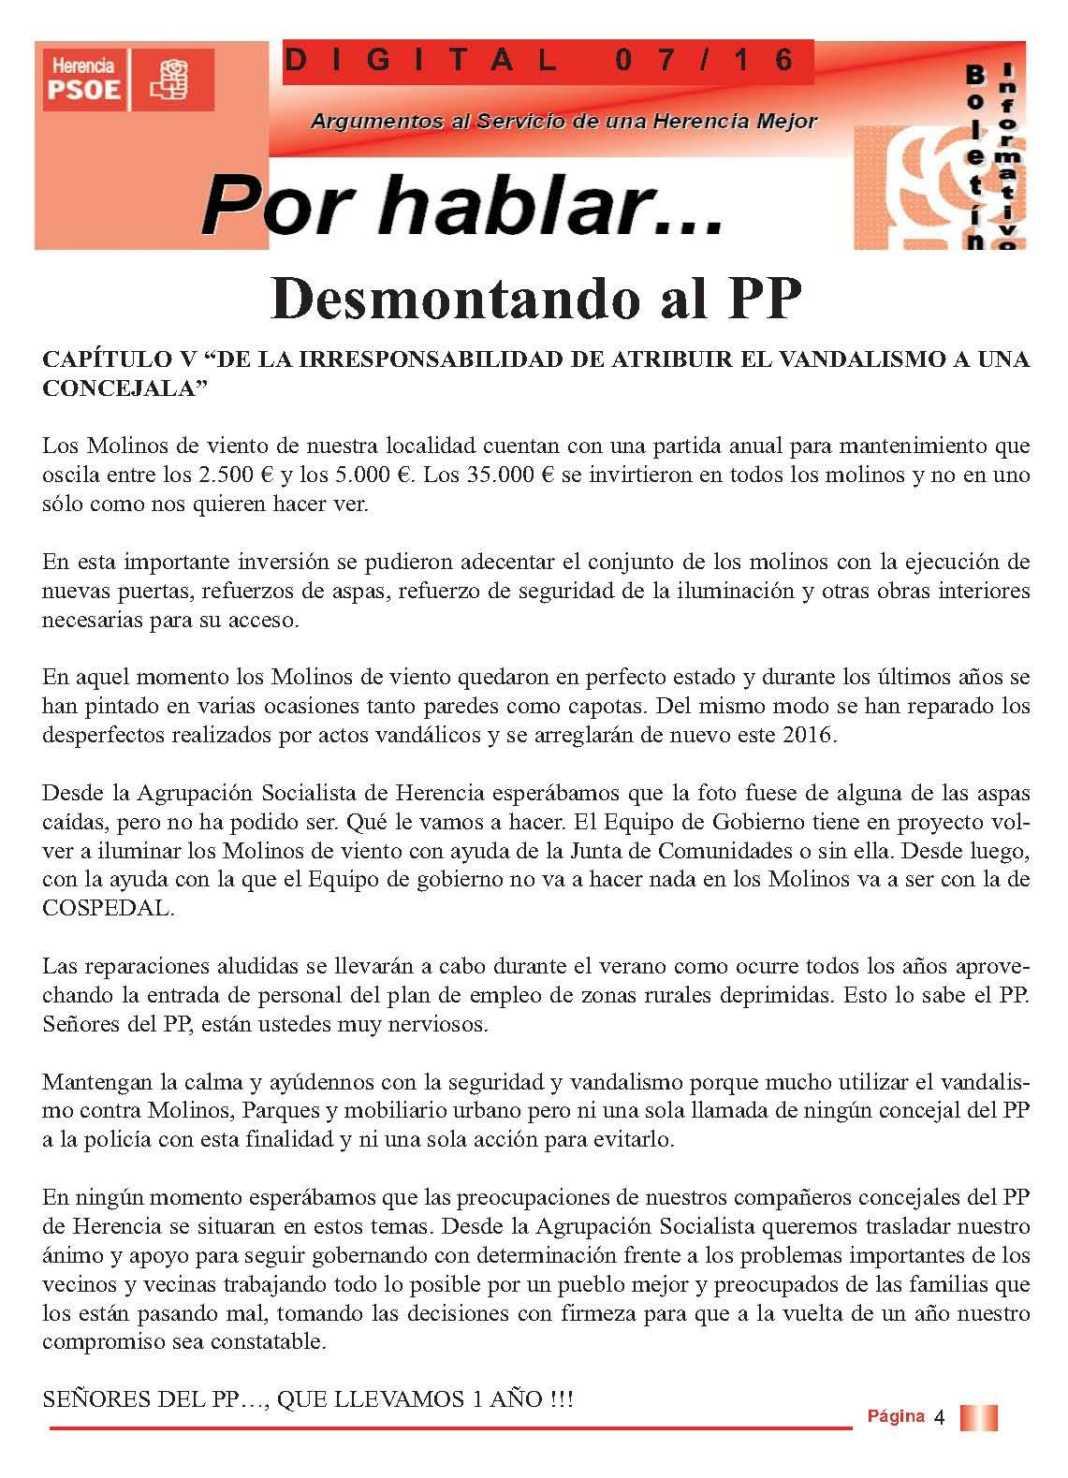 PSOE responde al boletín del PP con otro boletín 1